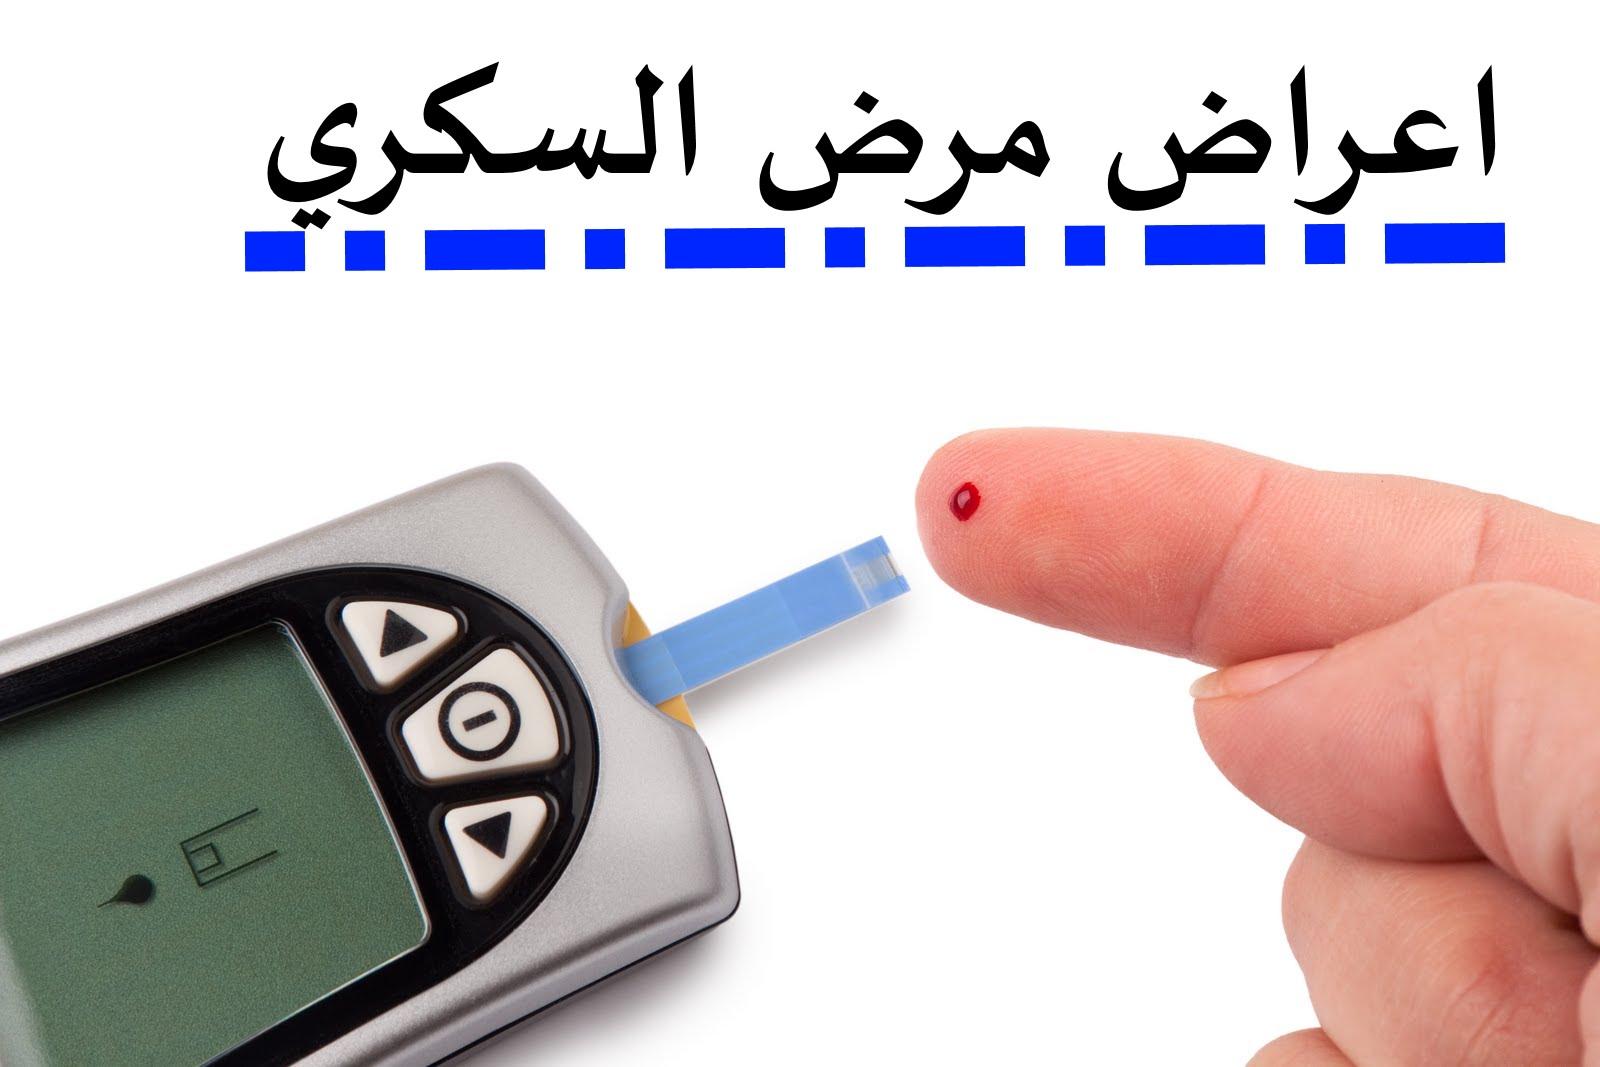 اعراض مرض السكر عند الرجال والنساء والاطفال و مضاعفاته و كيفية الوقاية منه